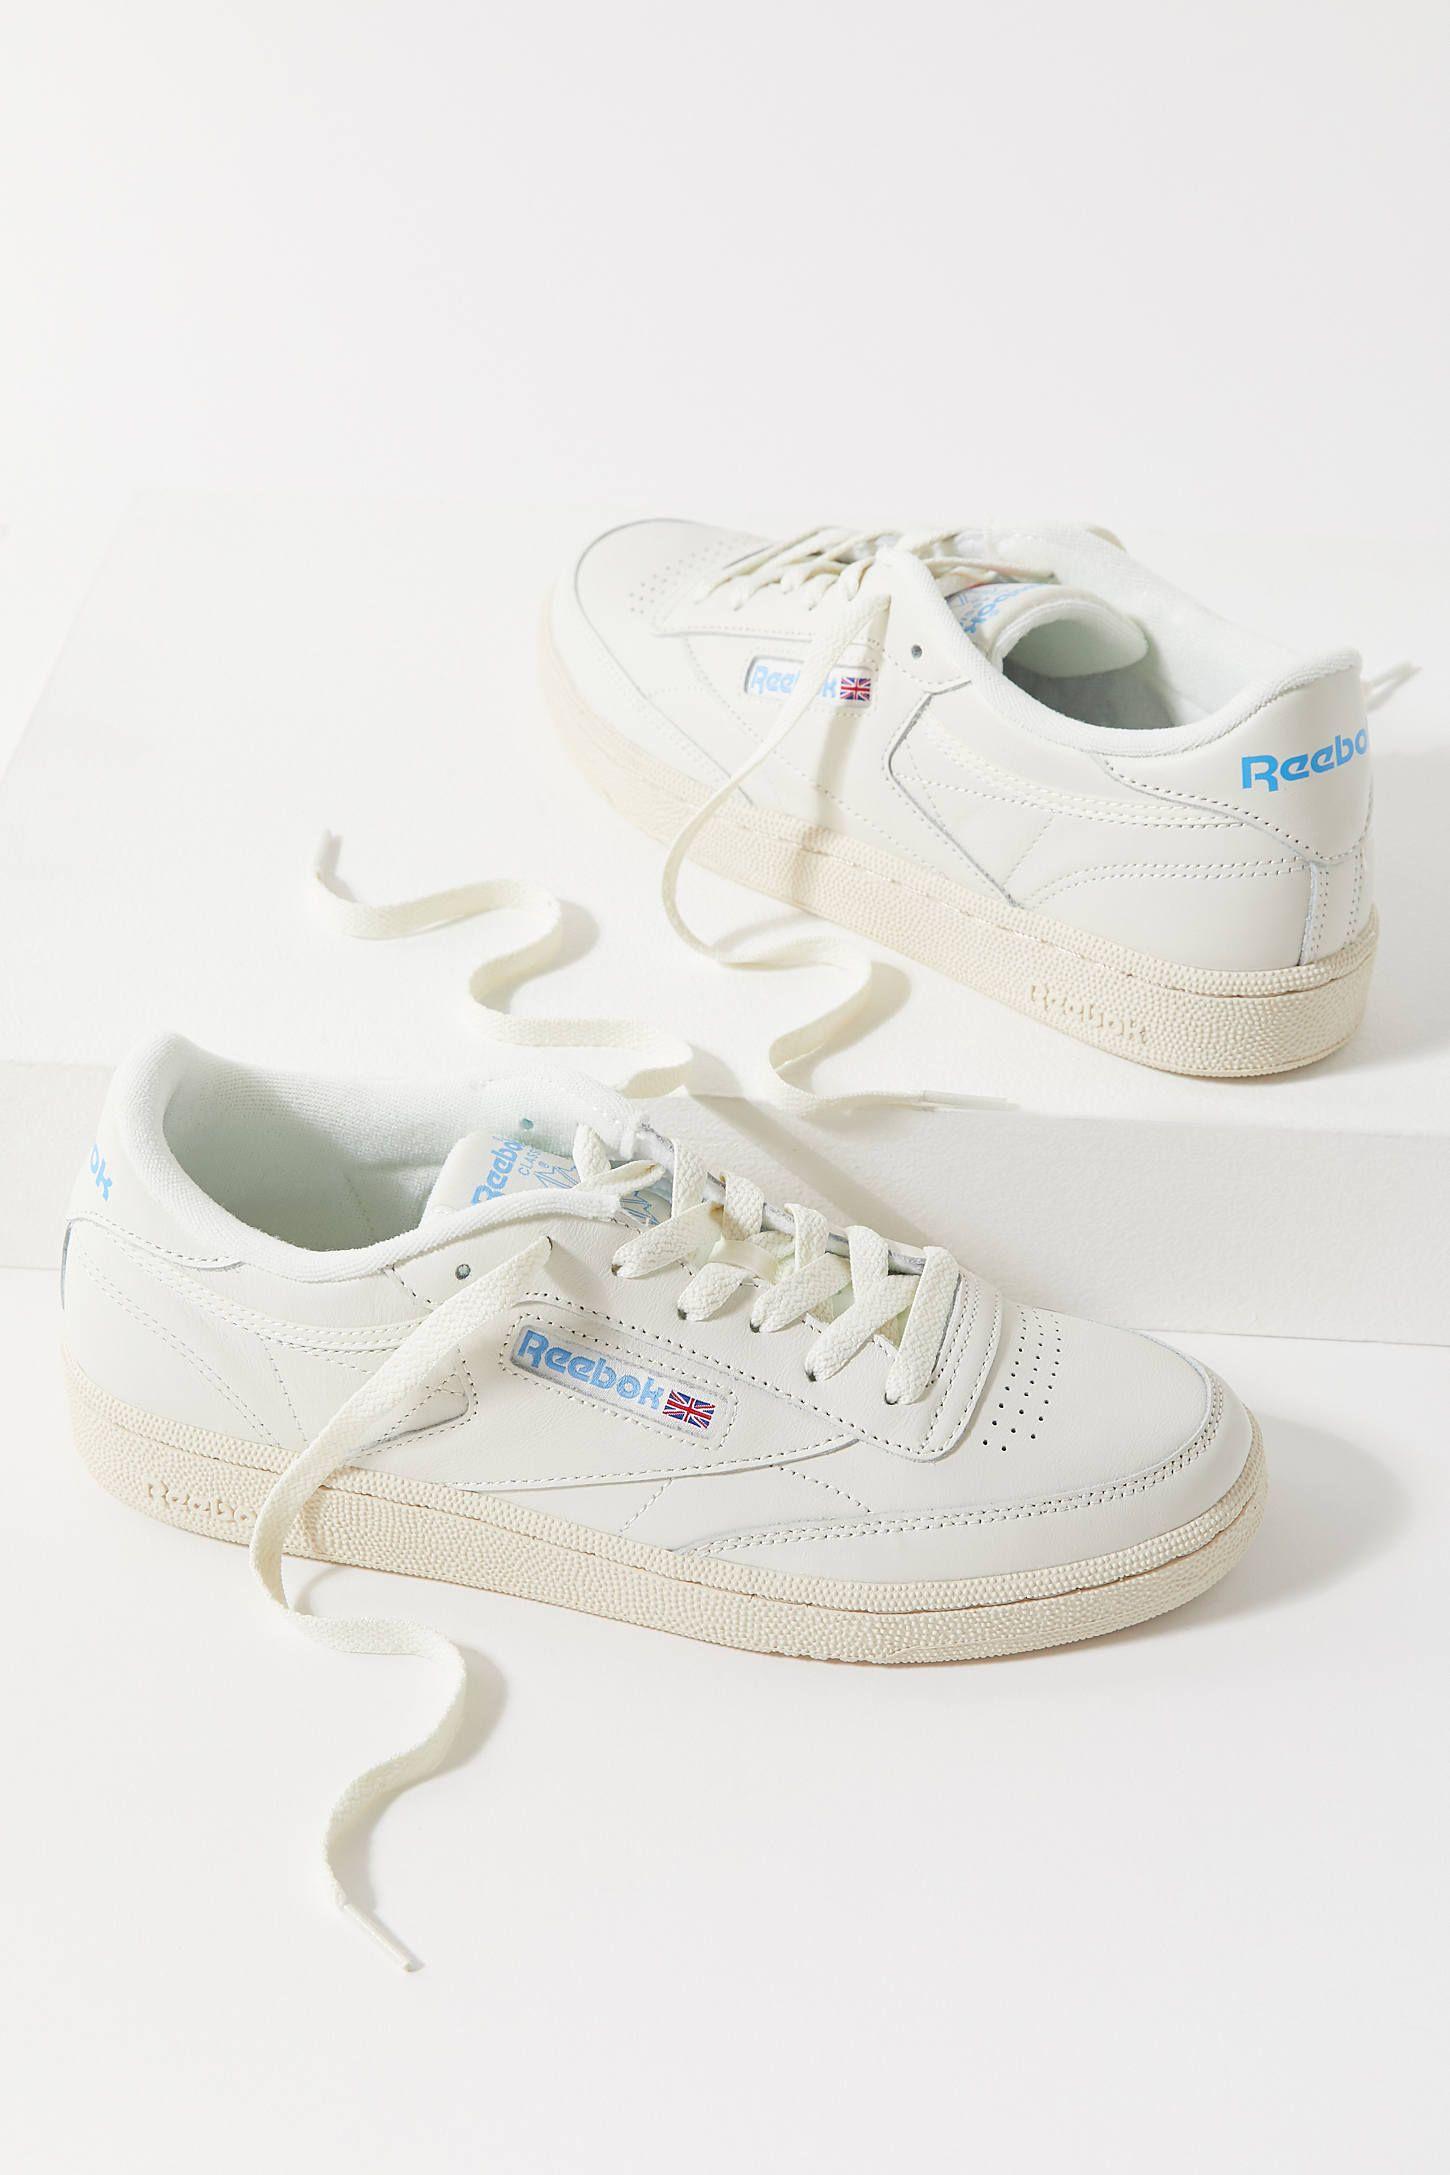 Reebok Club C Vintage Sneaker | Reebok